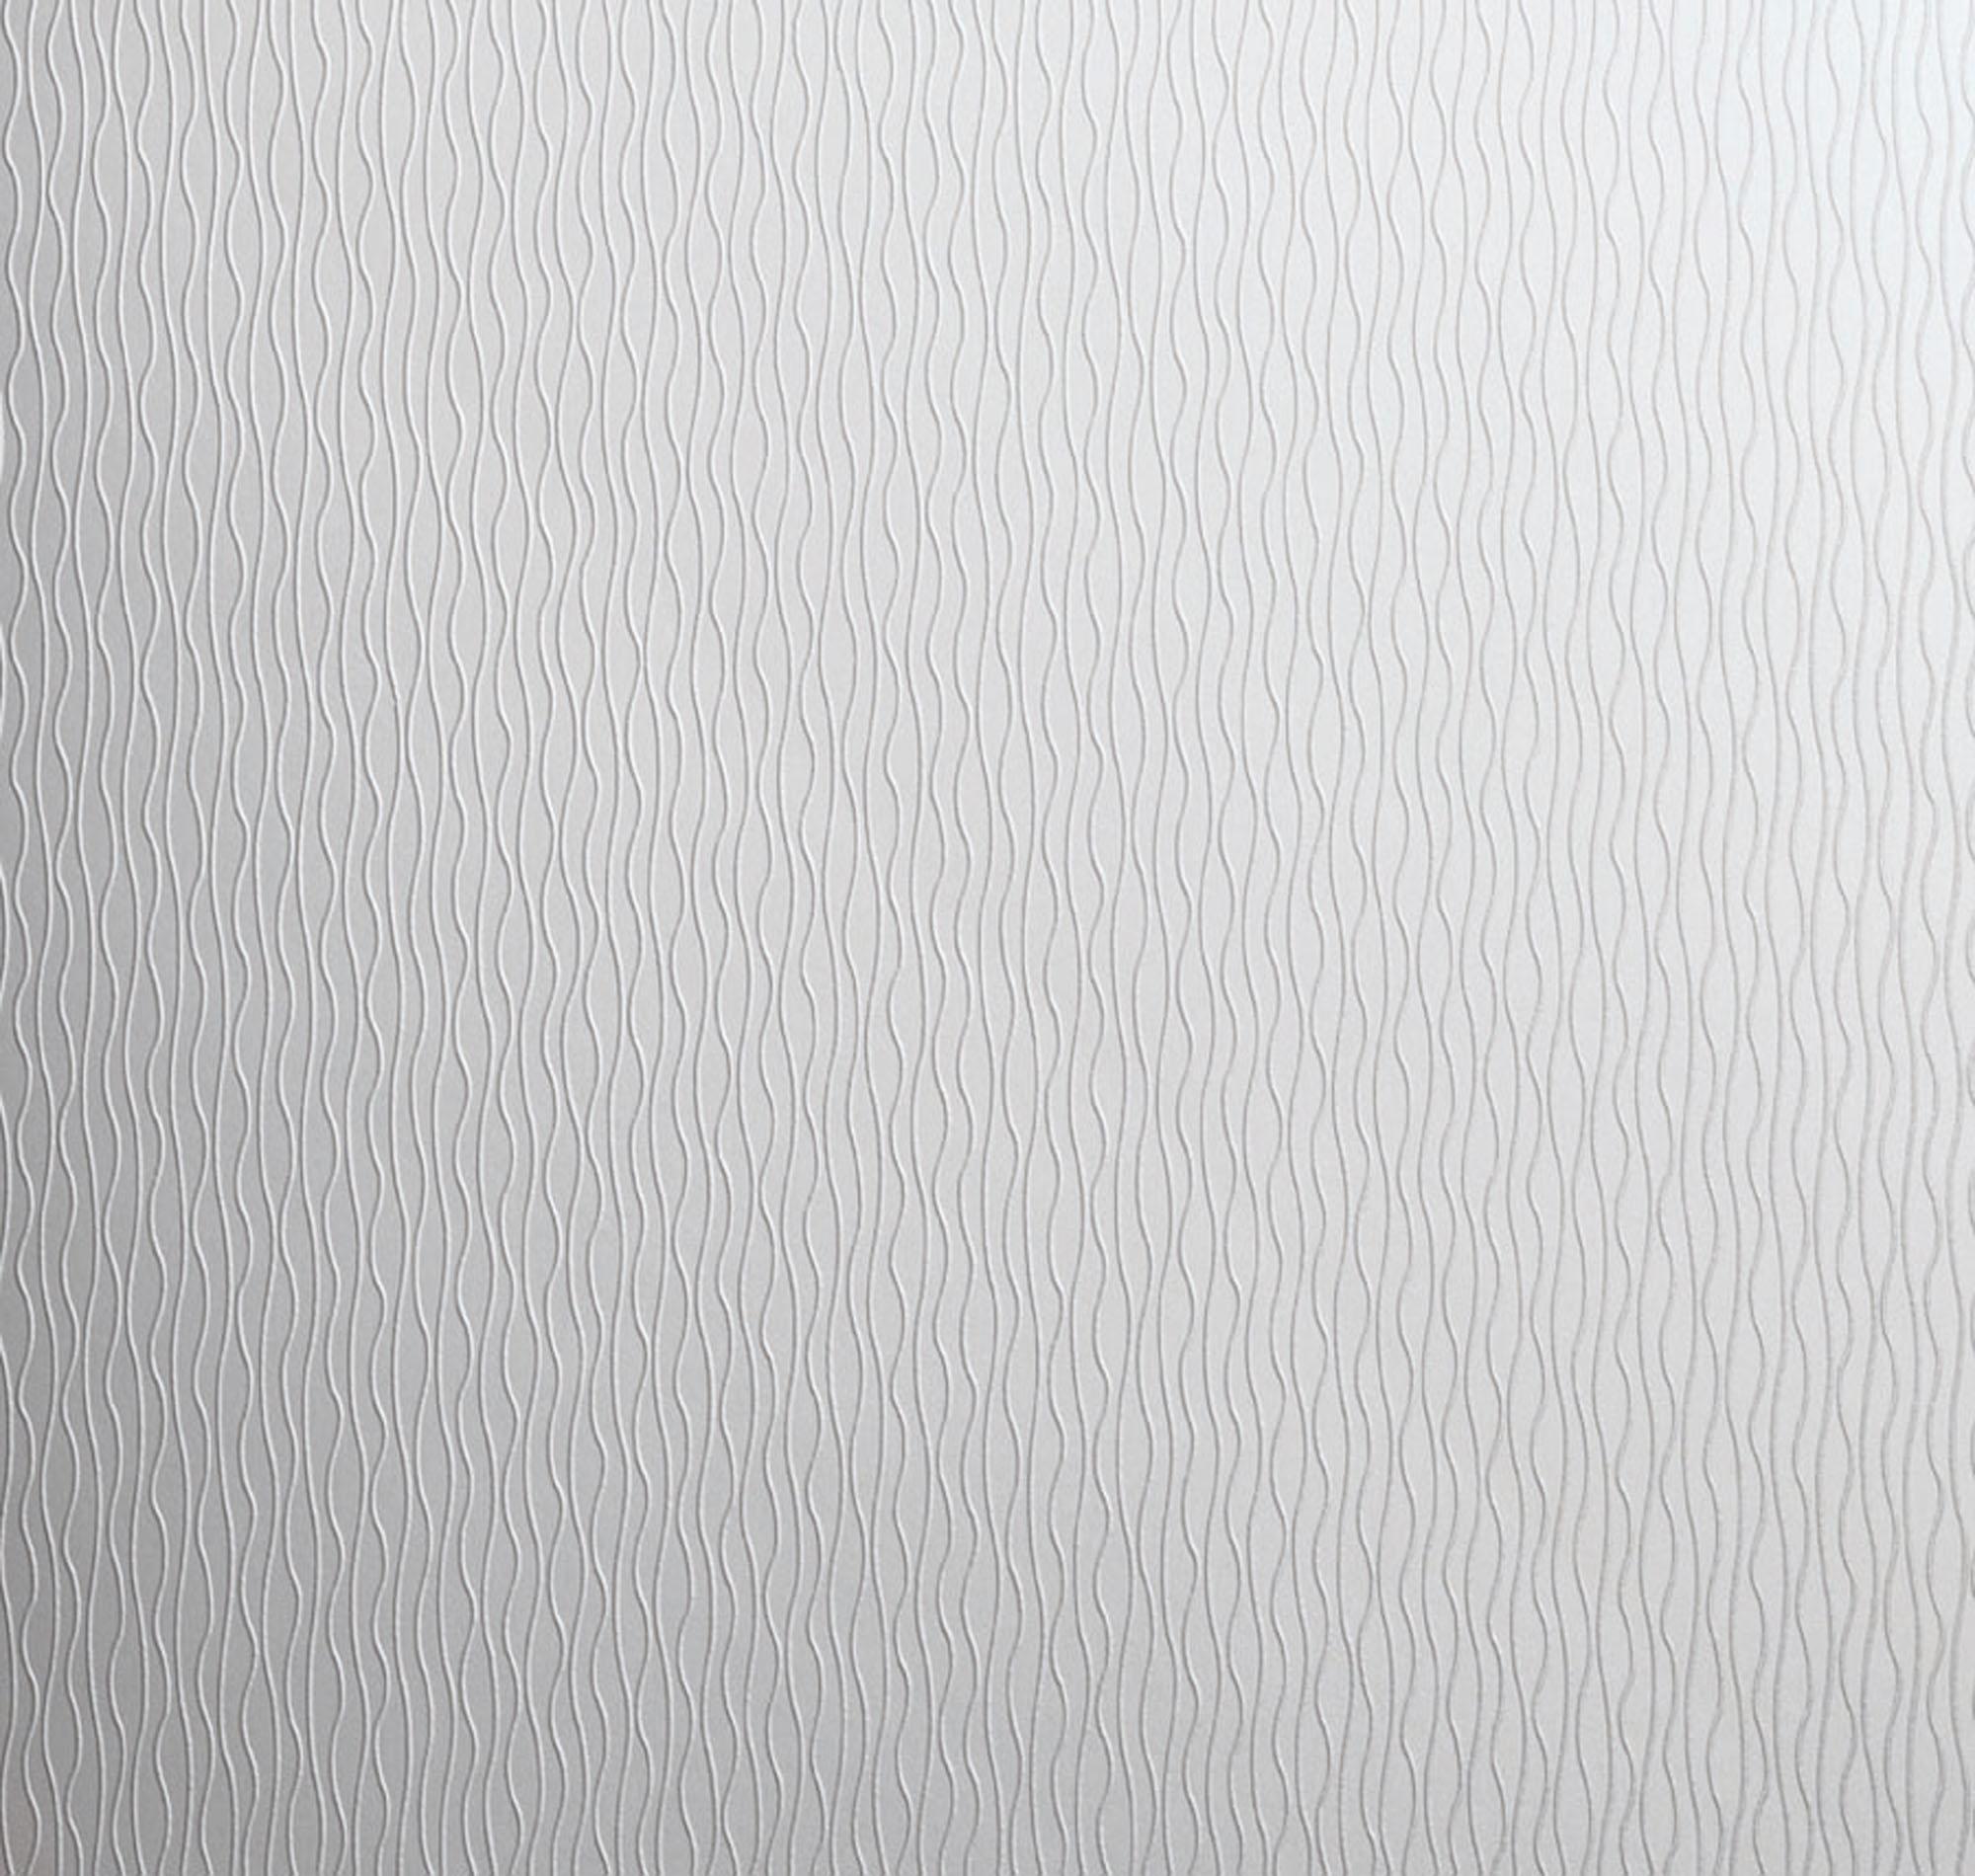 5396 Aluminum Twirl